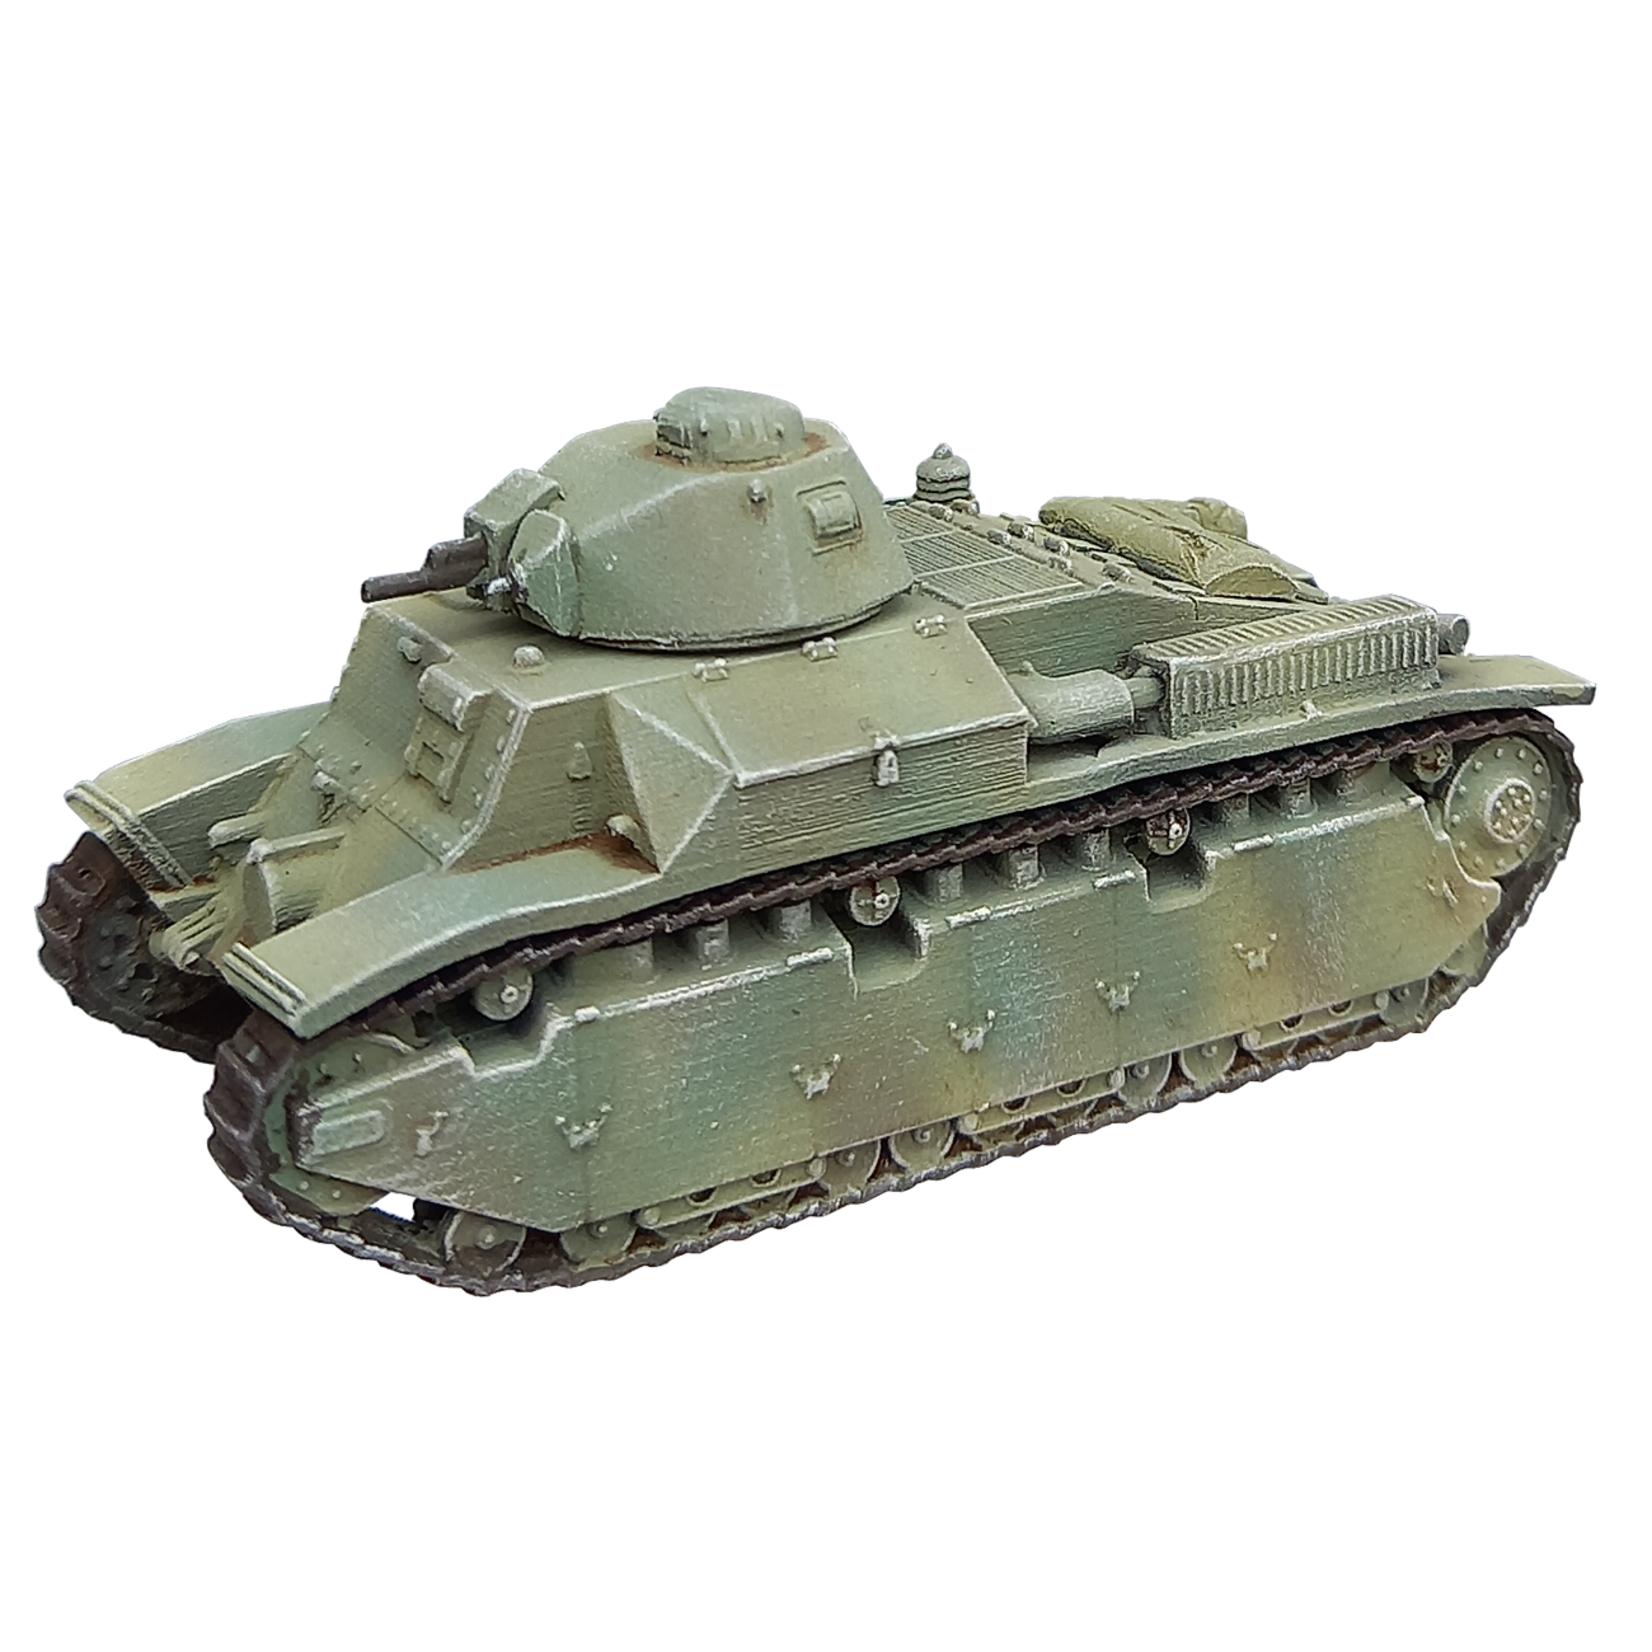 Char D2 Medium tank